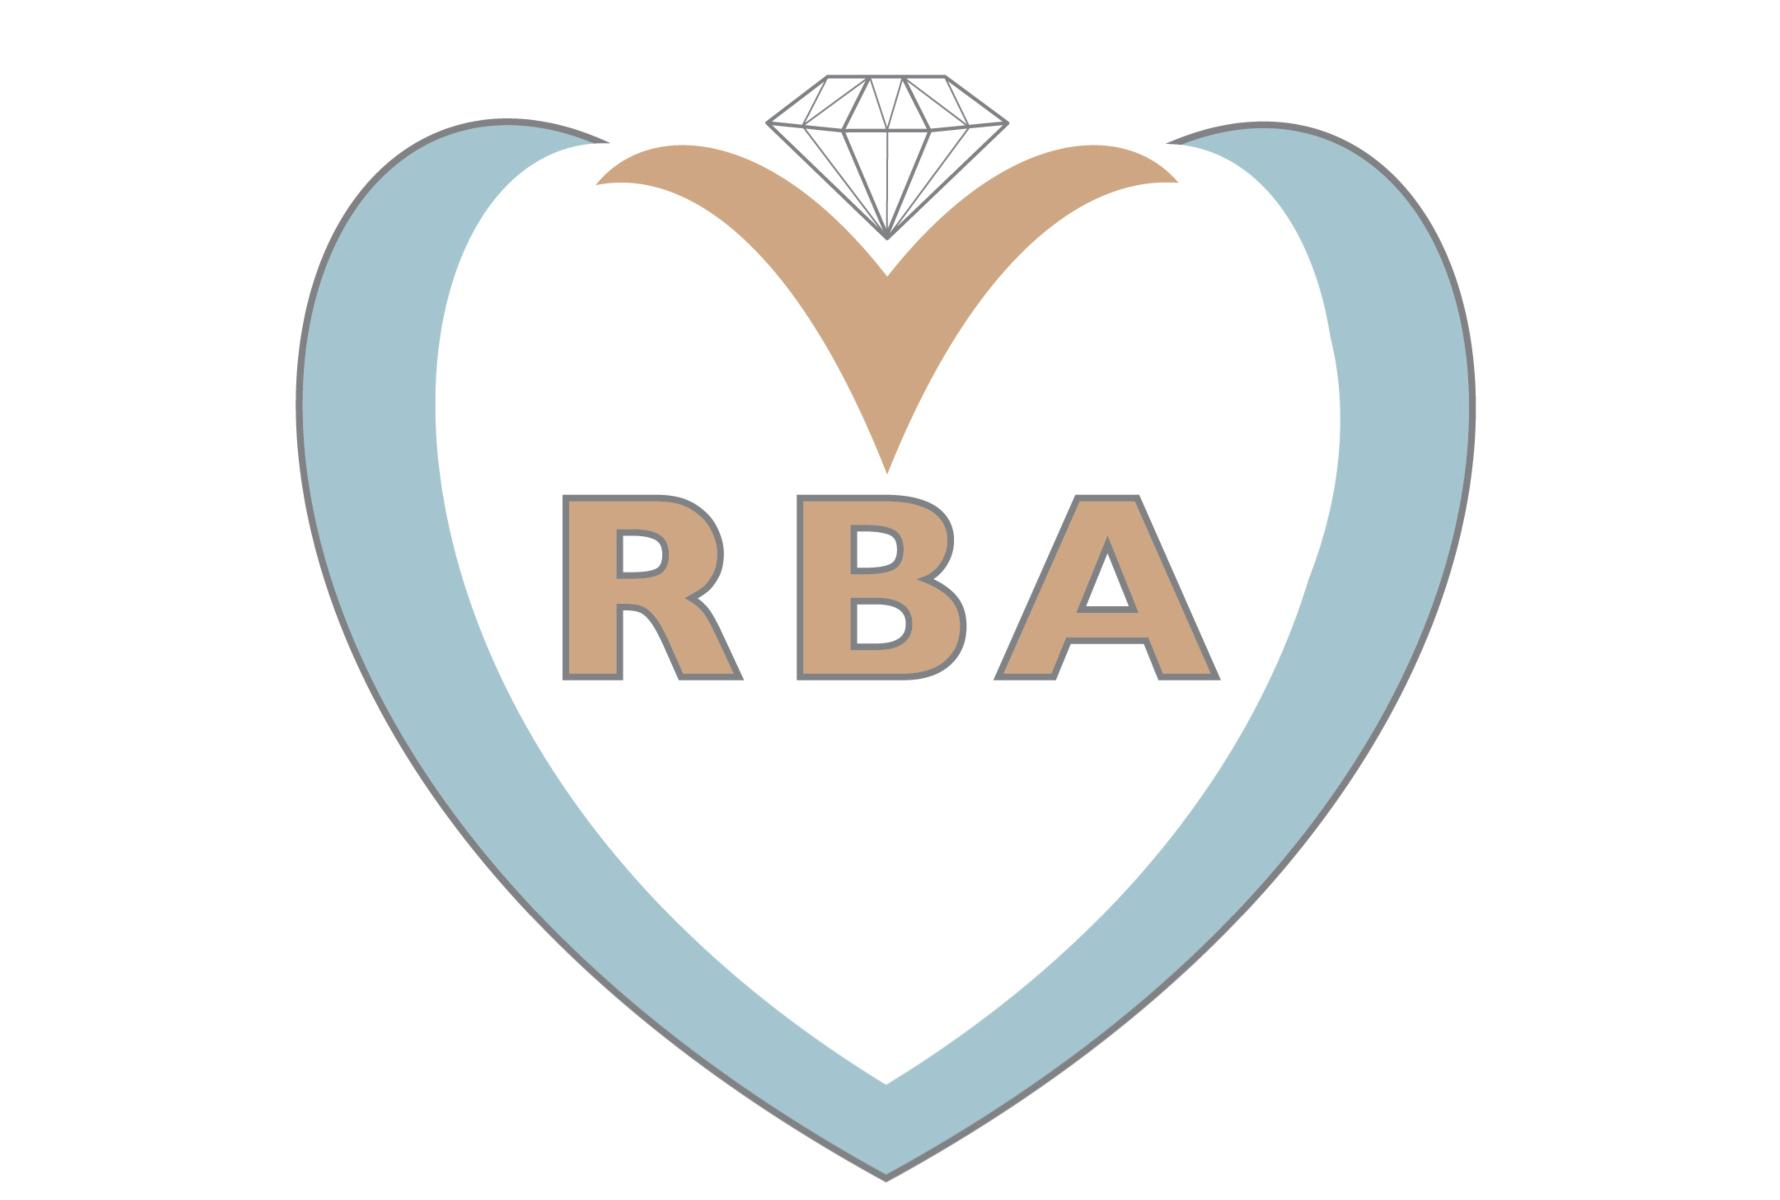 BB RBA logo